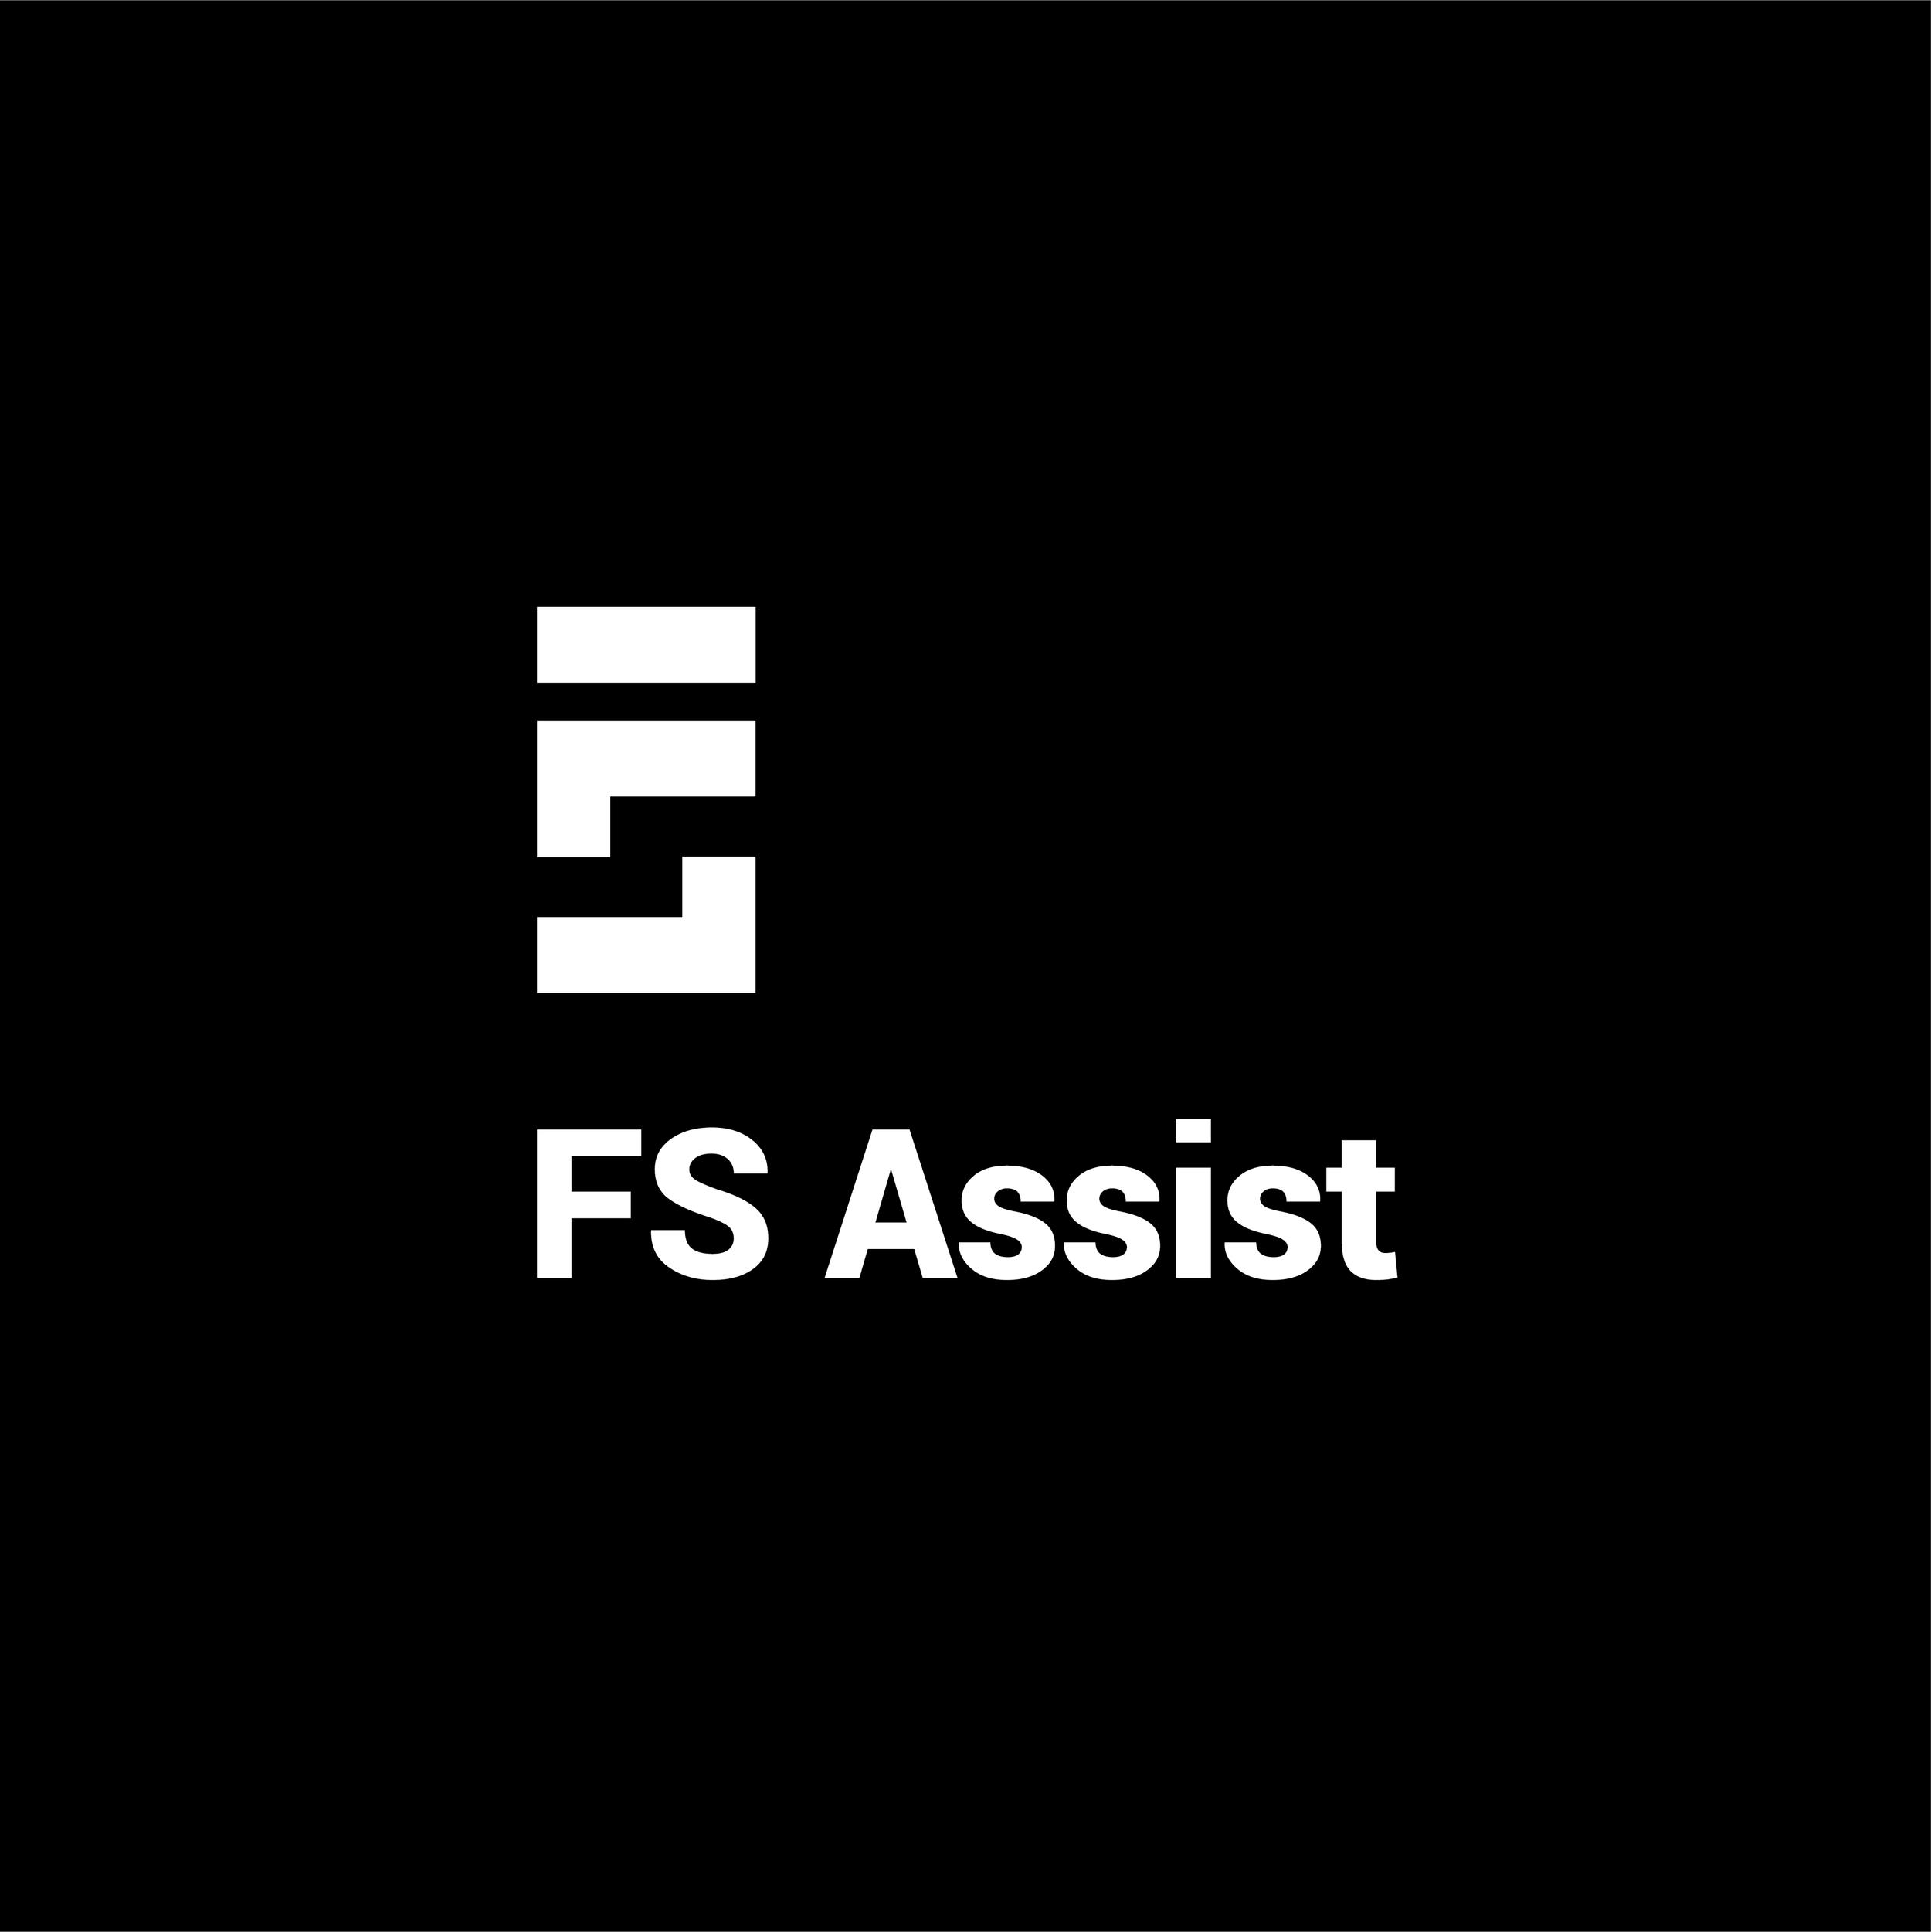 fs-assist-brand-mark-w-01.png